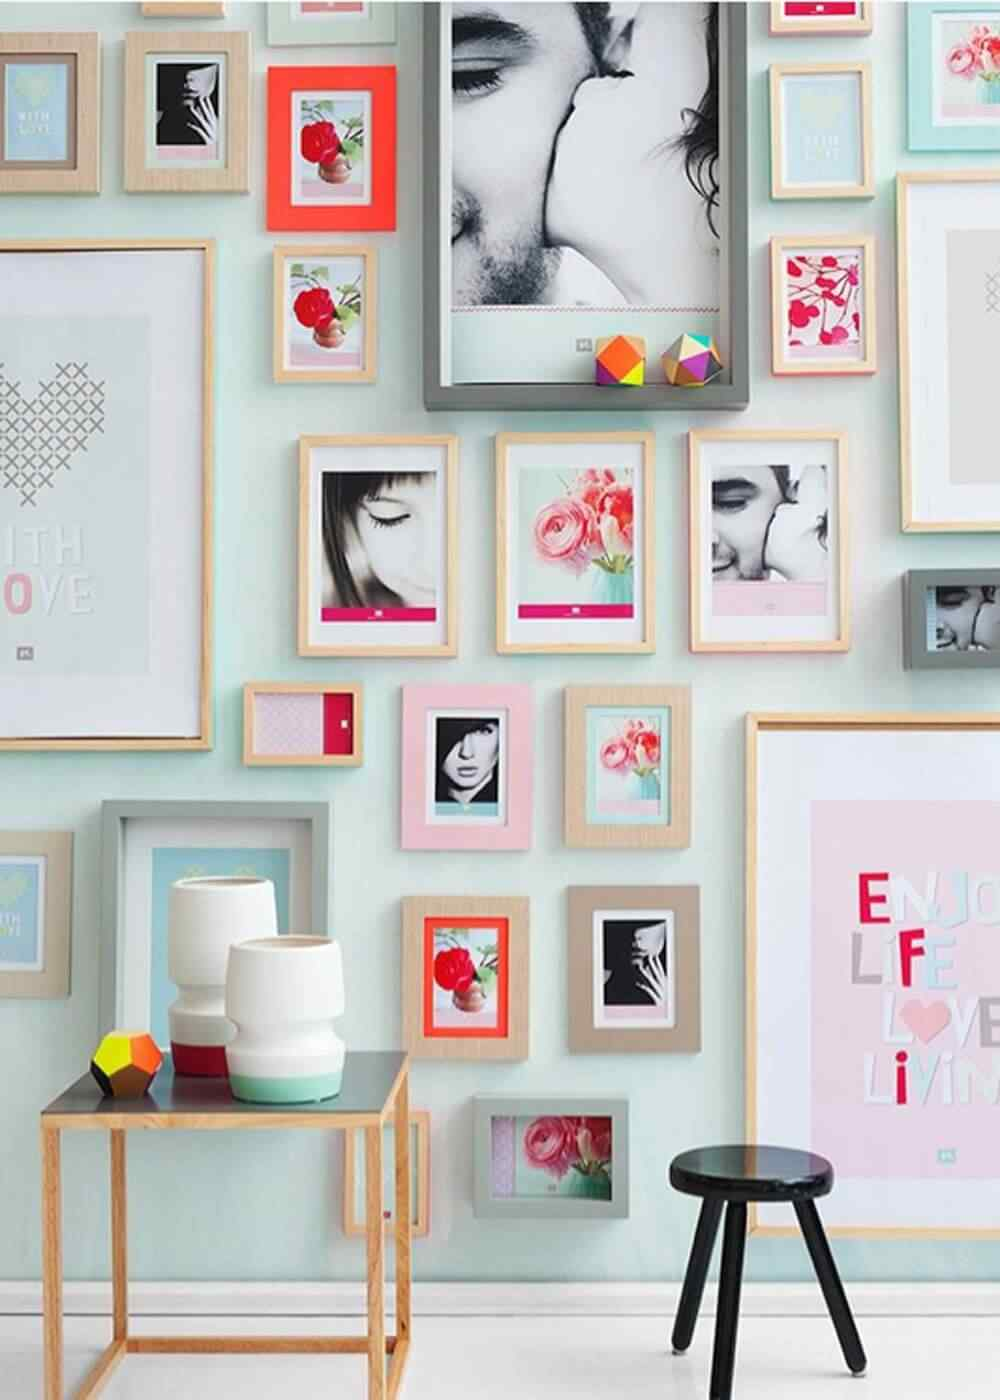 muro con fotos (5)